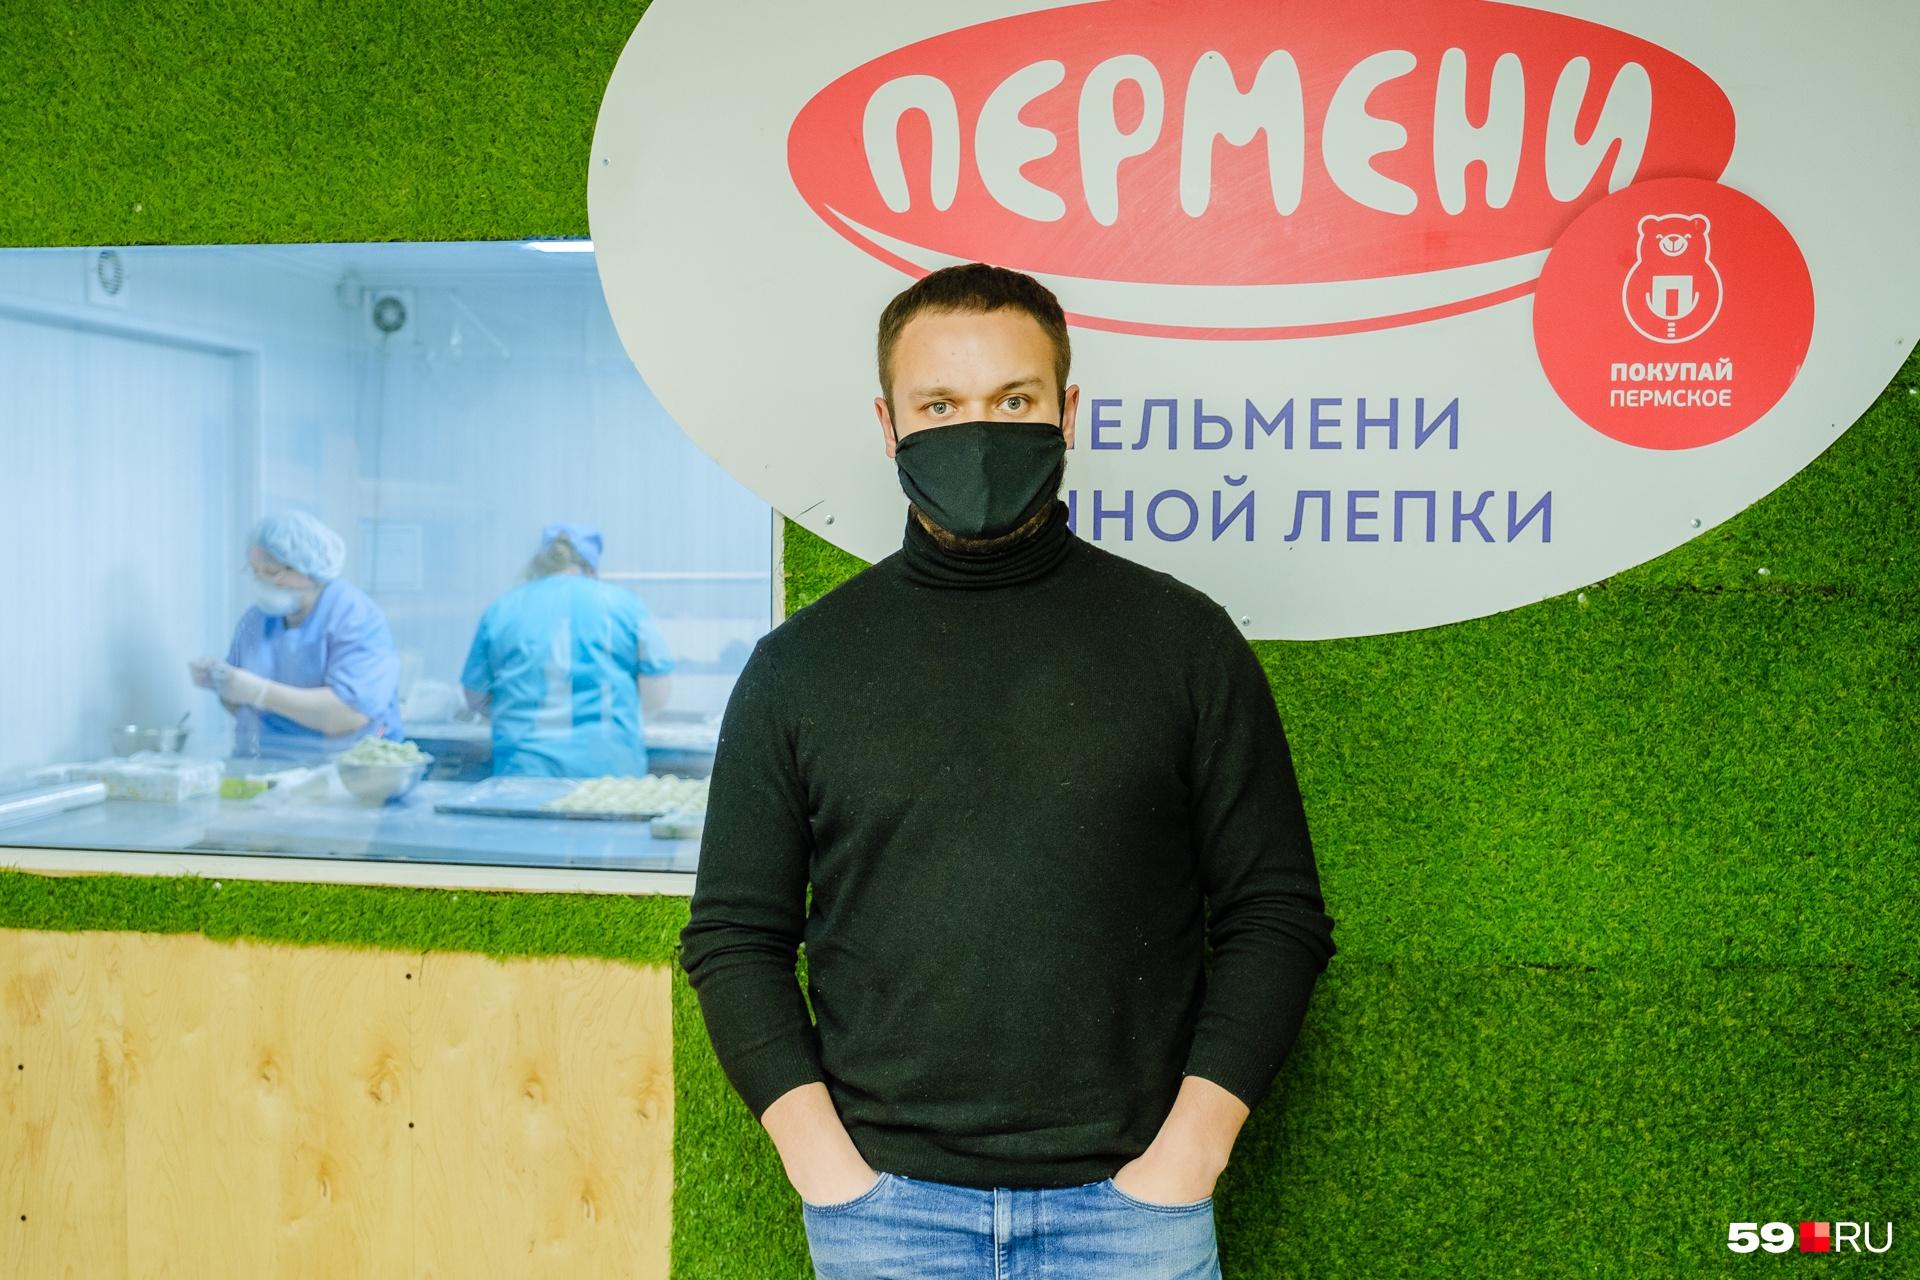 Евгений тоже в маске — в период пандемии без защиты в цех не заходит никто